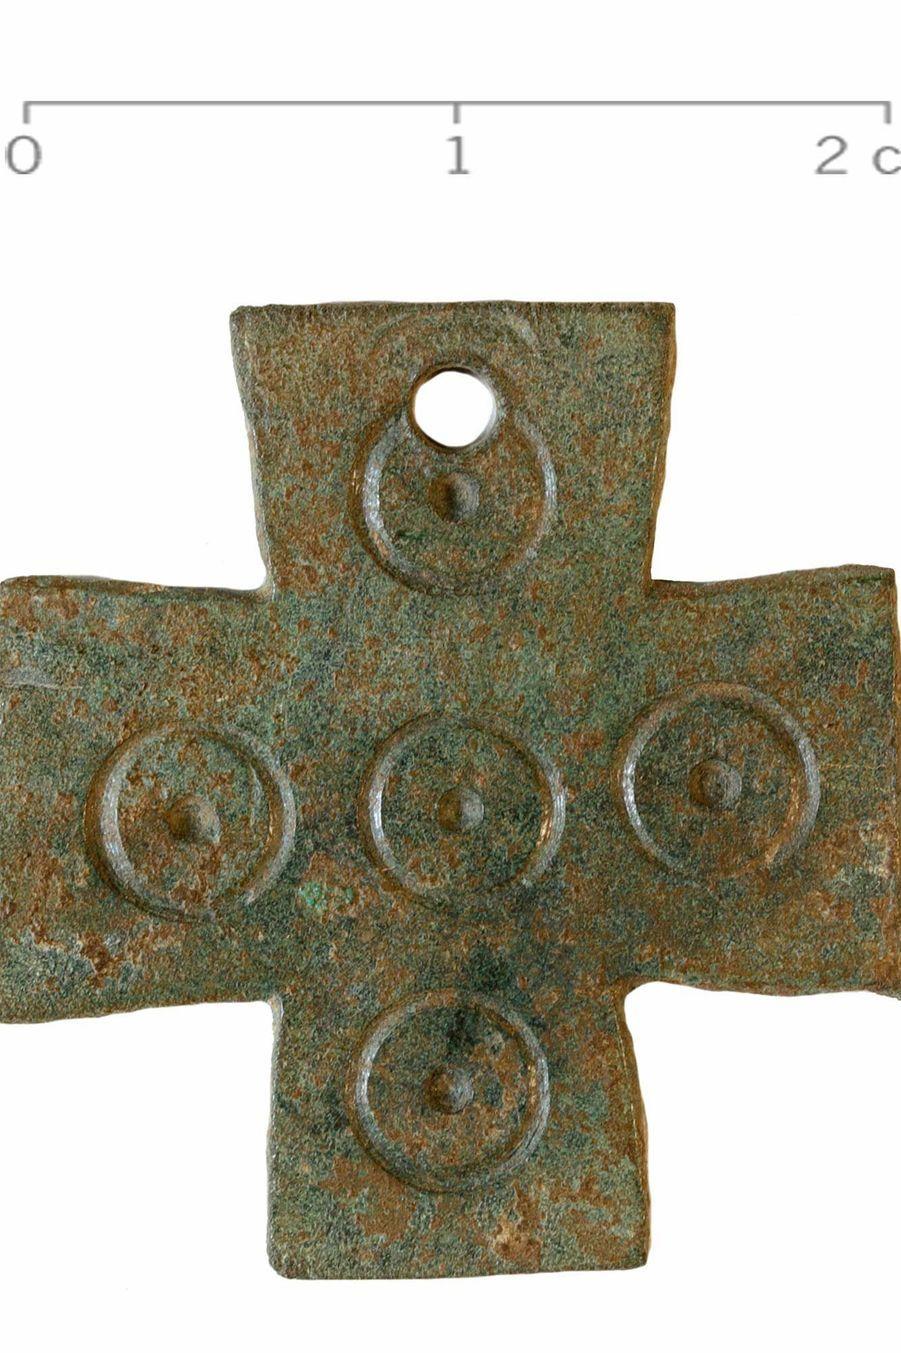 Petite croix en alliage cuivreux, décor en ocelles.